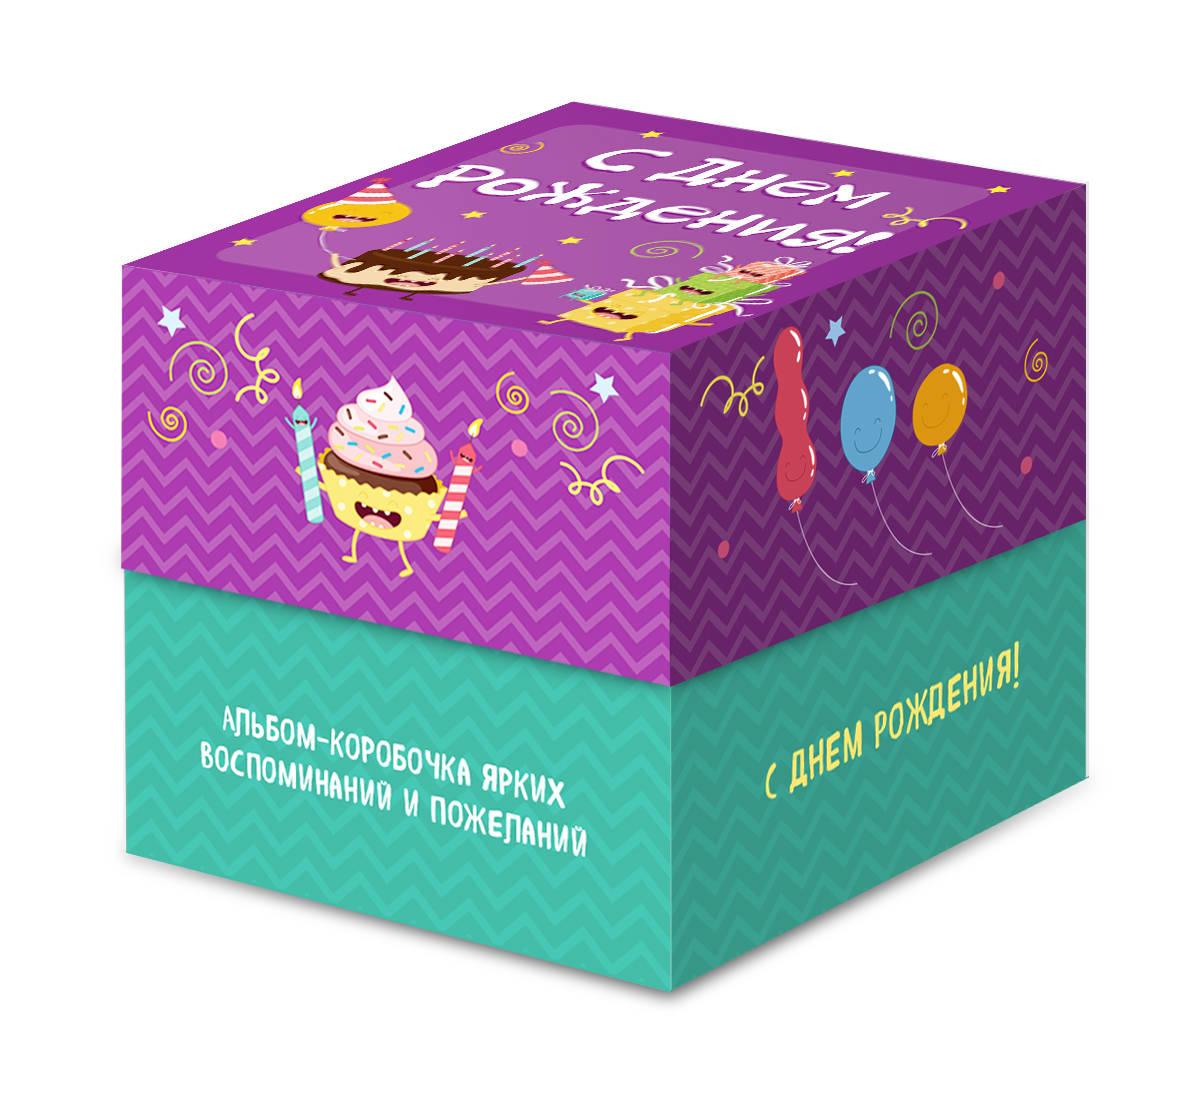 Матушевская Н. С Днем Рождения! Альбом-коробочка ярких воспоминаний и пожеланий